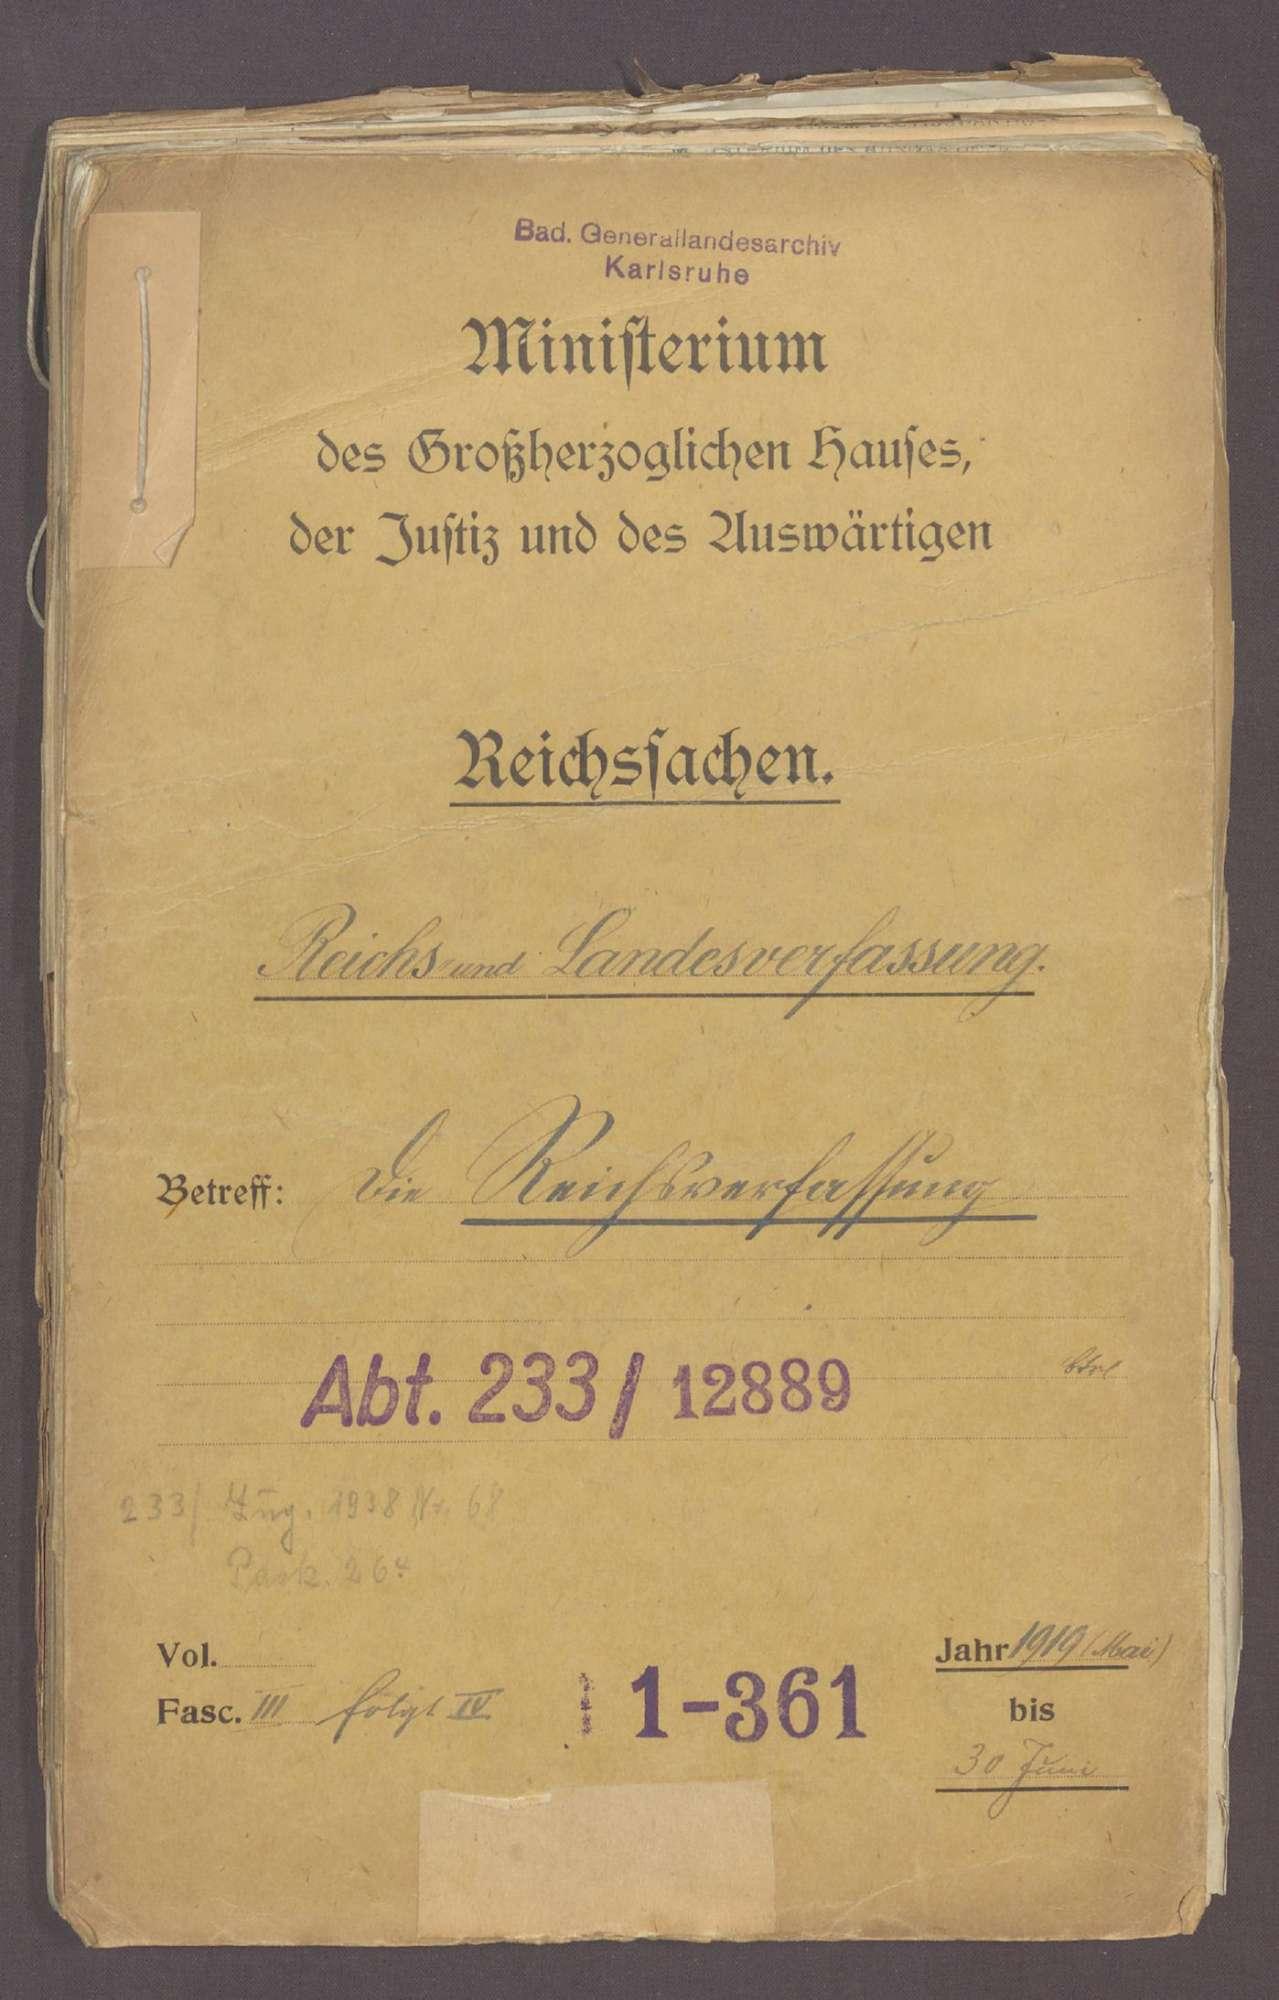 Die Reichsverfassung und die bayerischen und badischen Denkschriften zur Reform der Verfassung (III), Bild 1